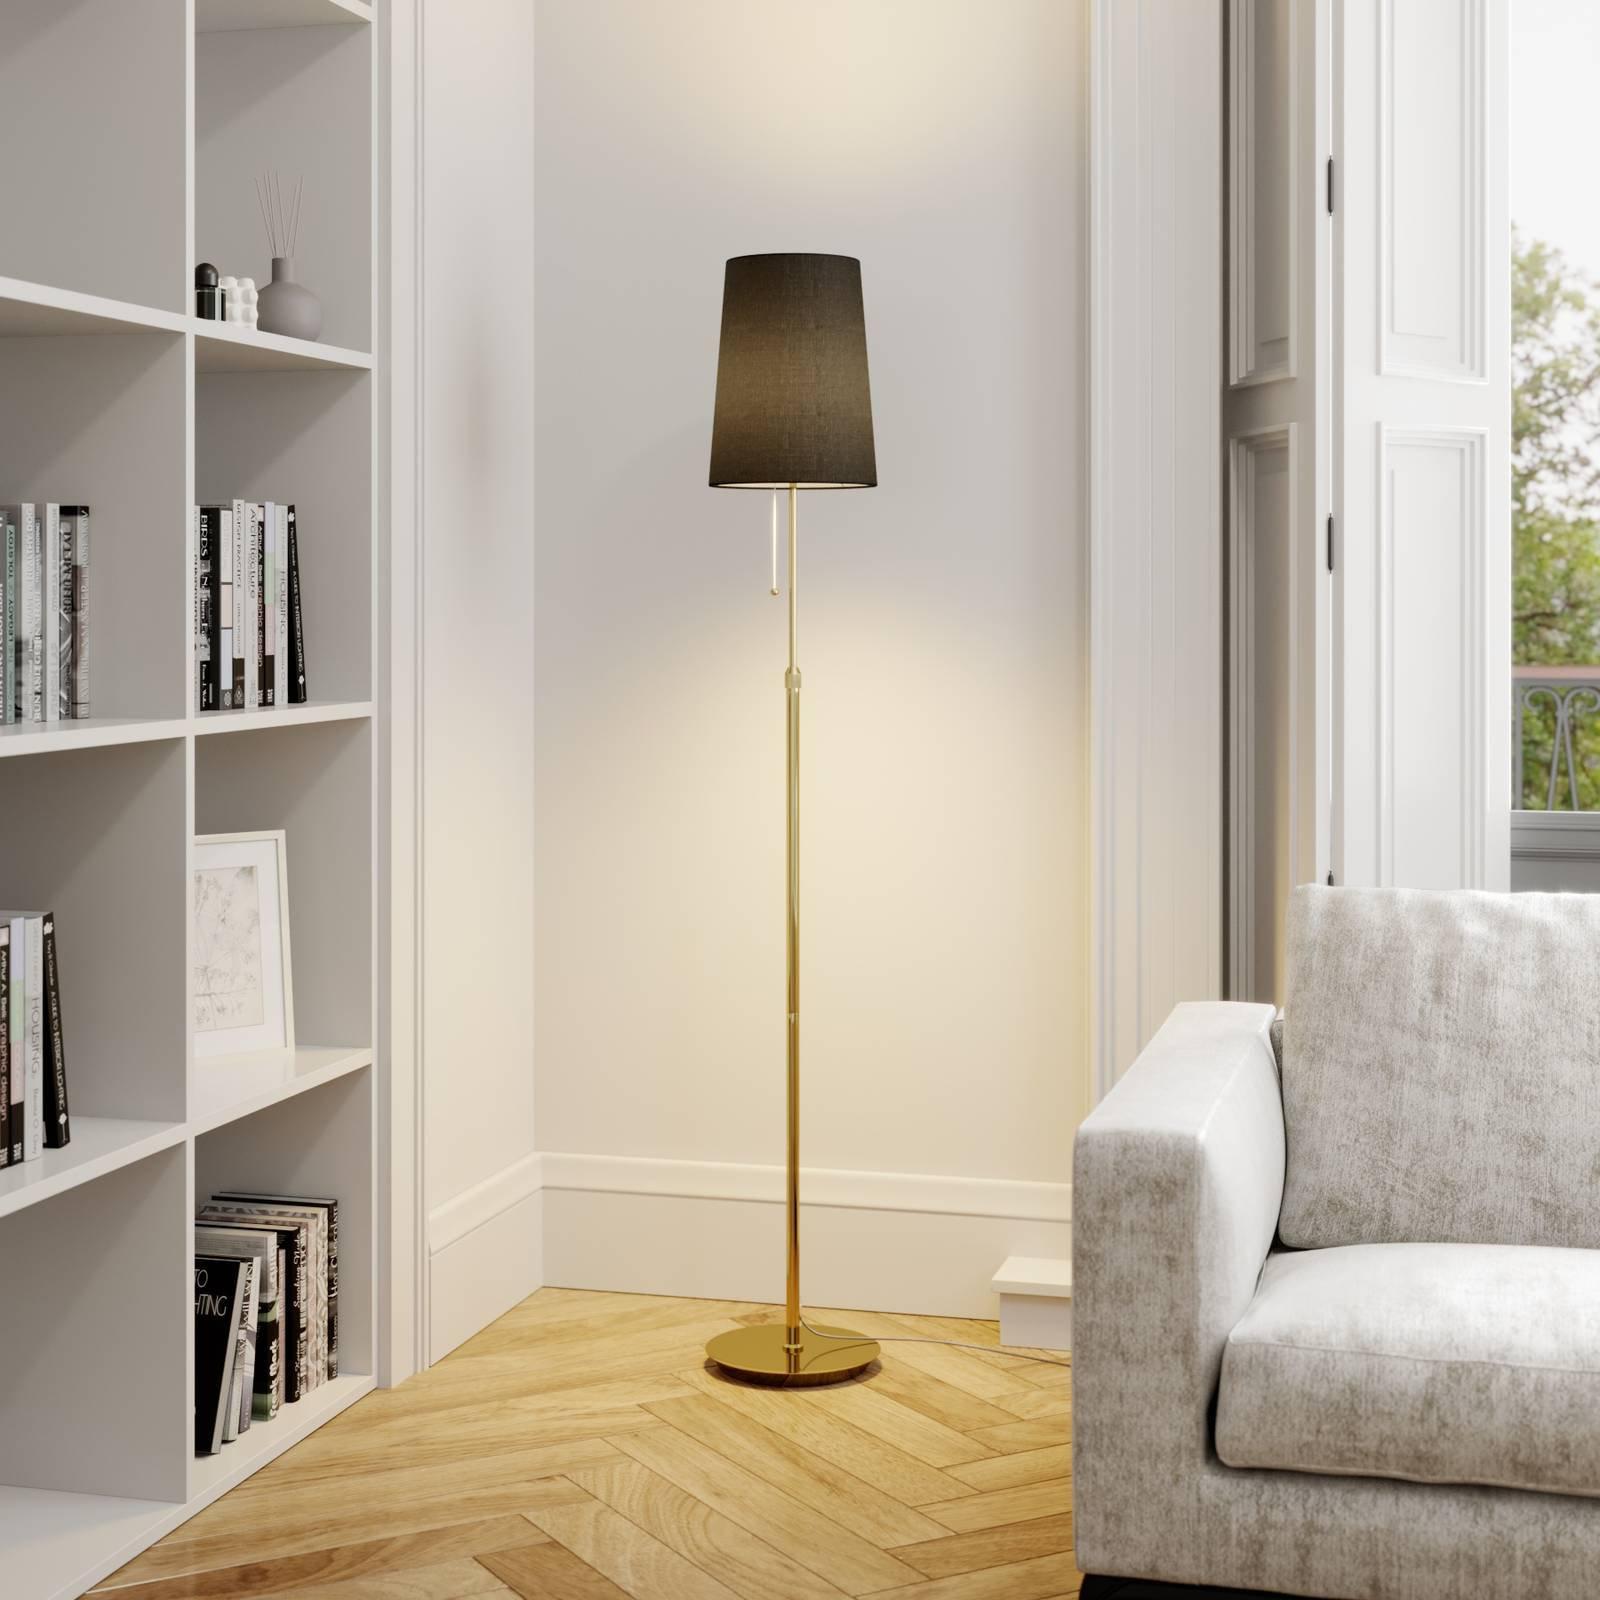 Lucande Pordis gulvlampe, 164 cm, messing-svart